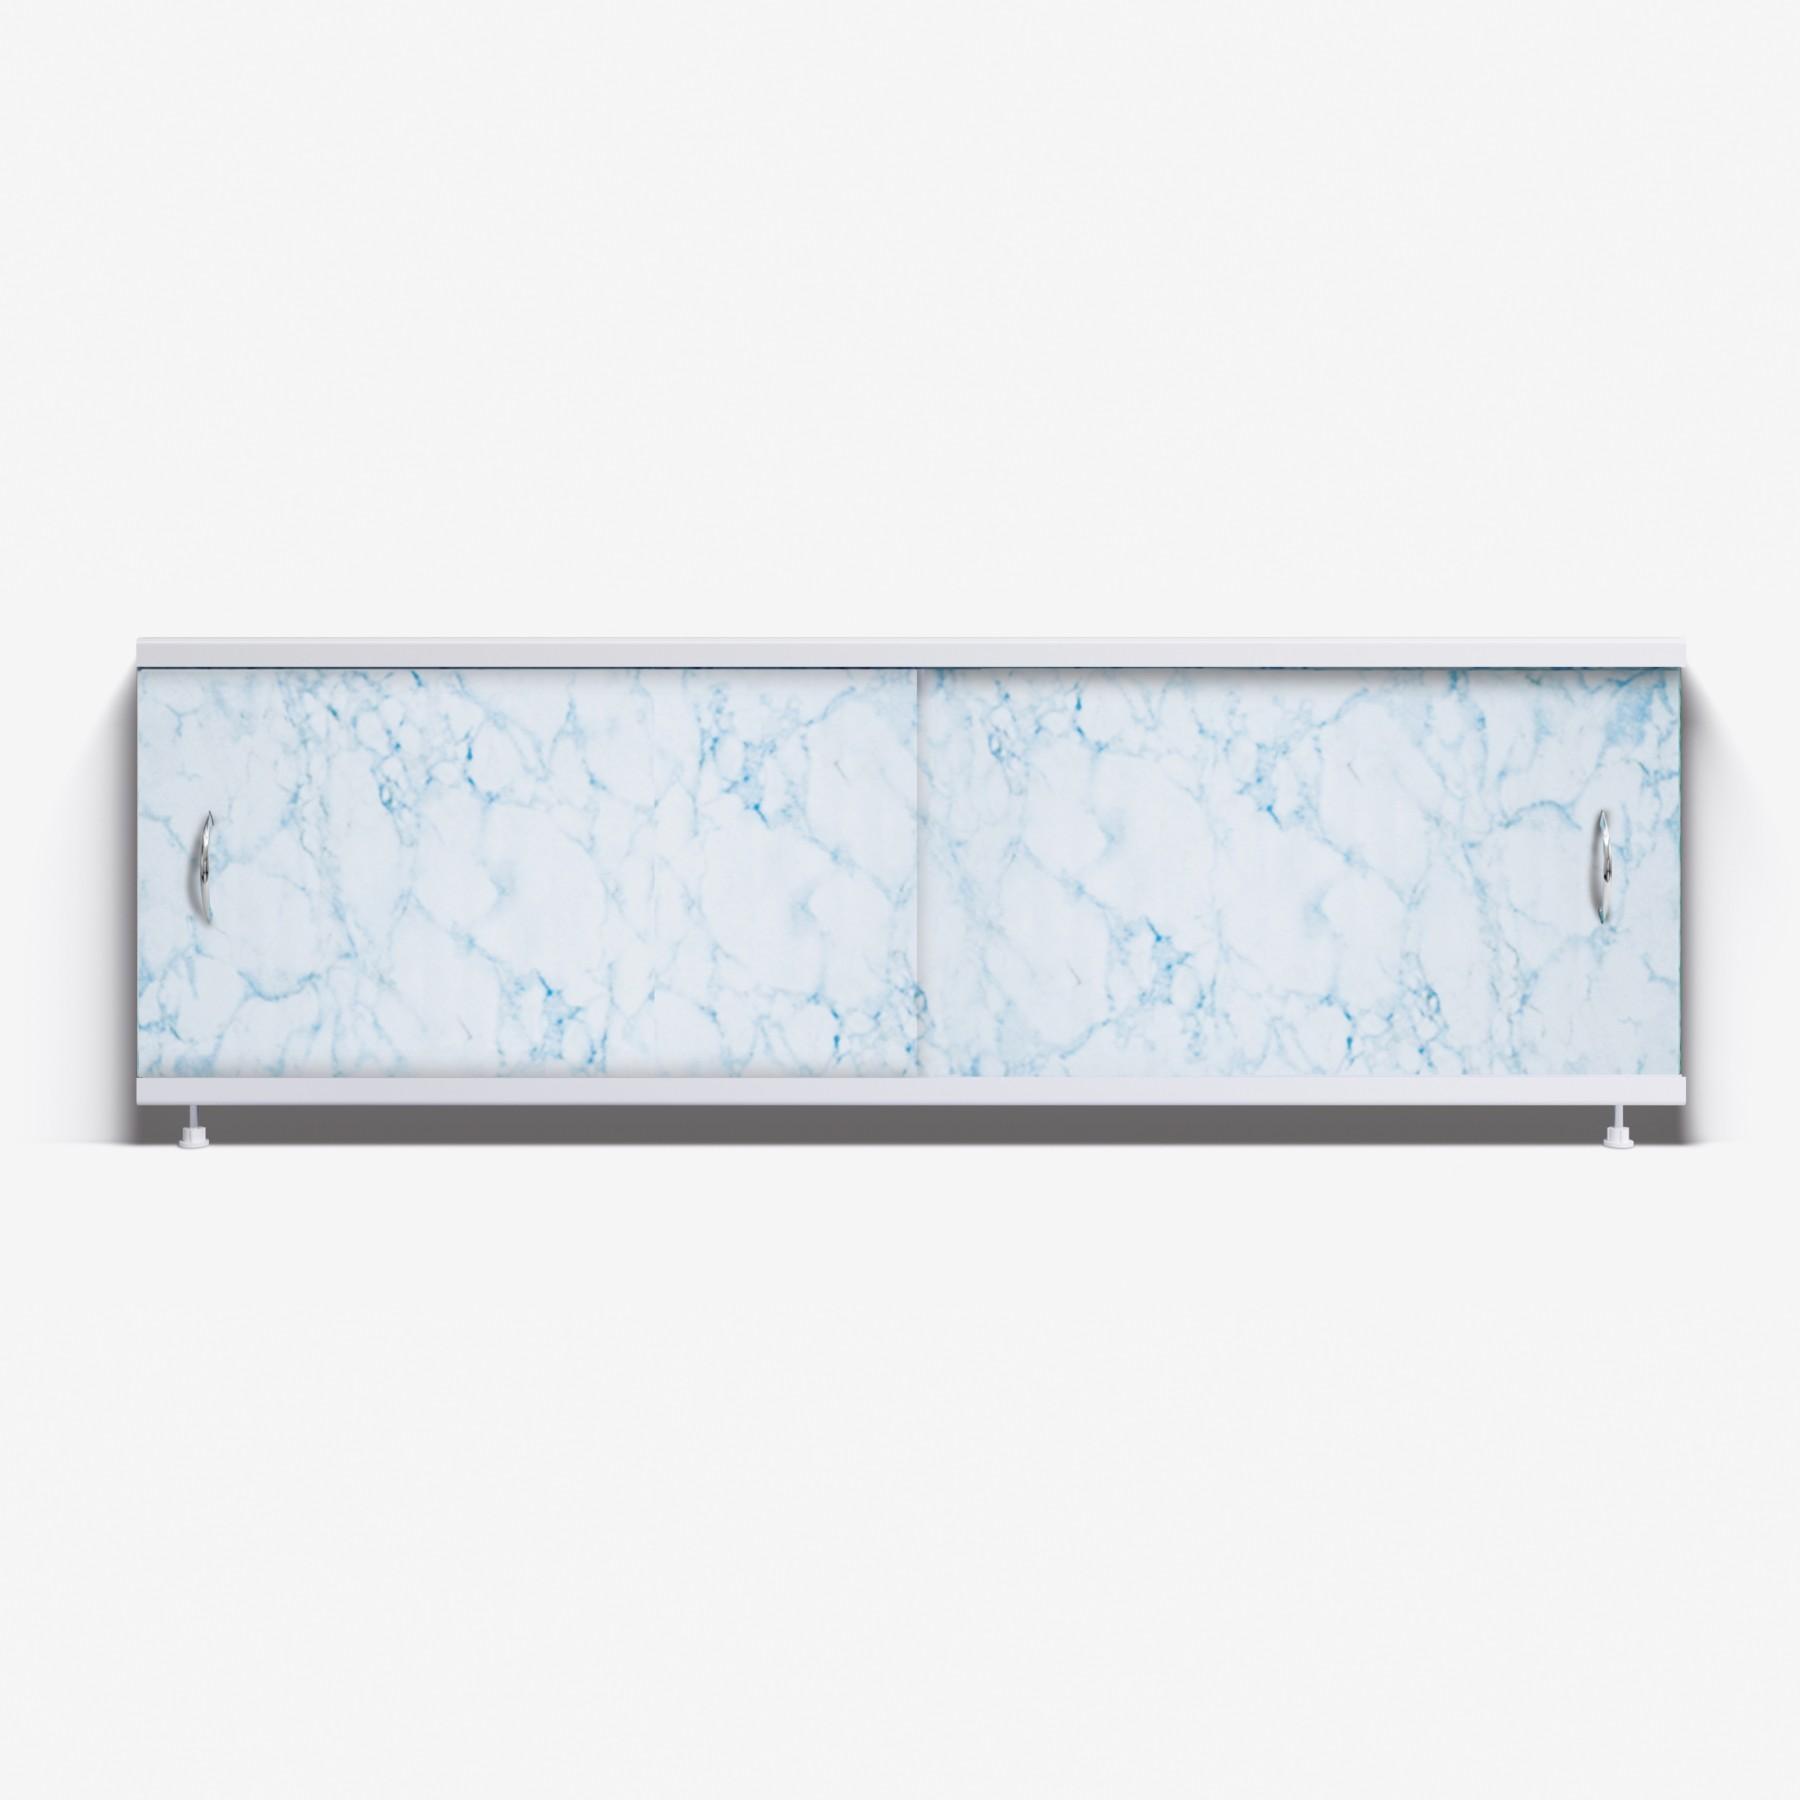 Экран под ванну Классик 150 бело-голубой мрамор